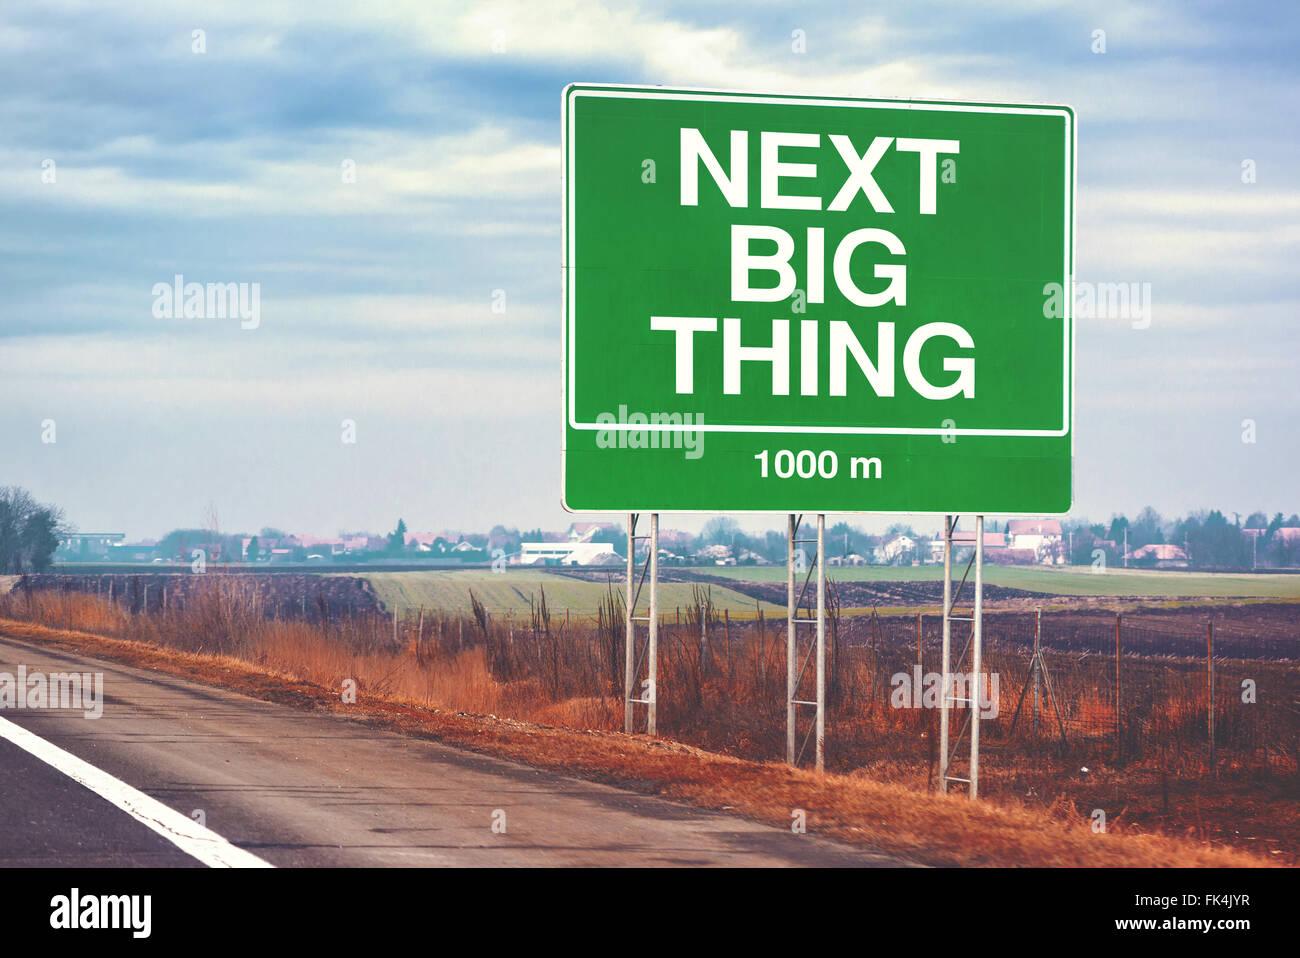 Prochaine grande chose avant droit de motivation conceptuelle avec signe de route par l'autoroute, l'image Photo Stock